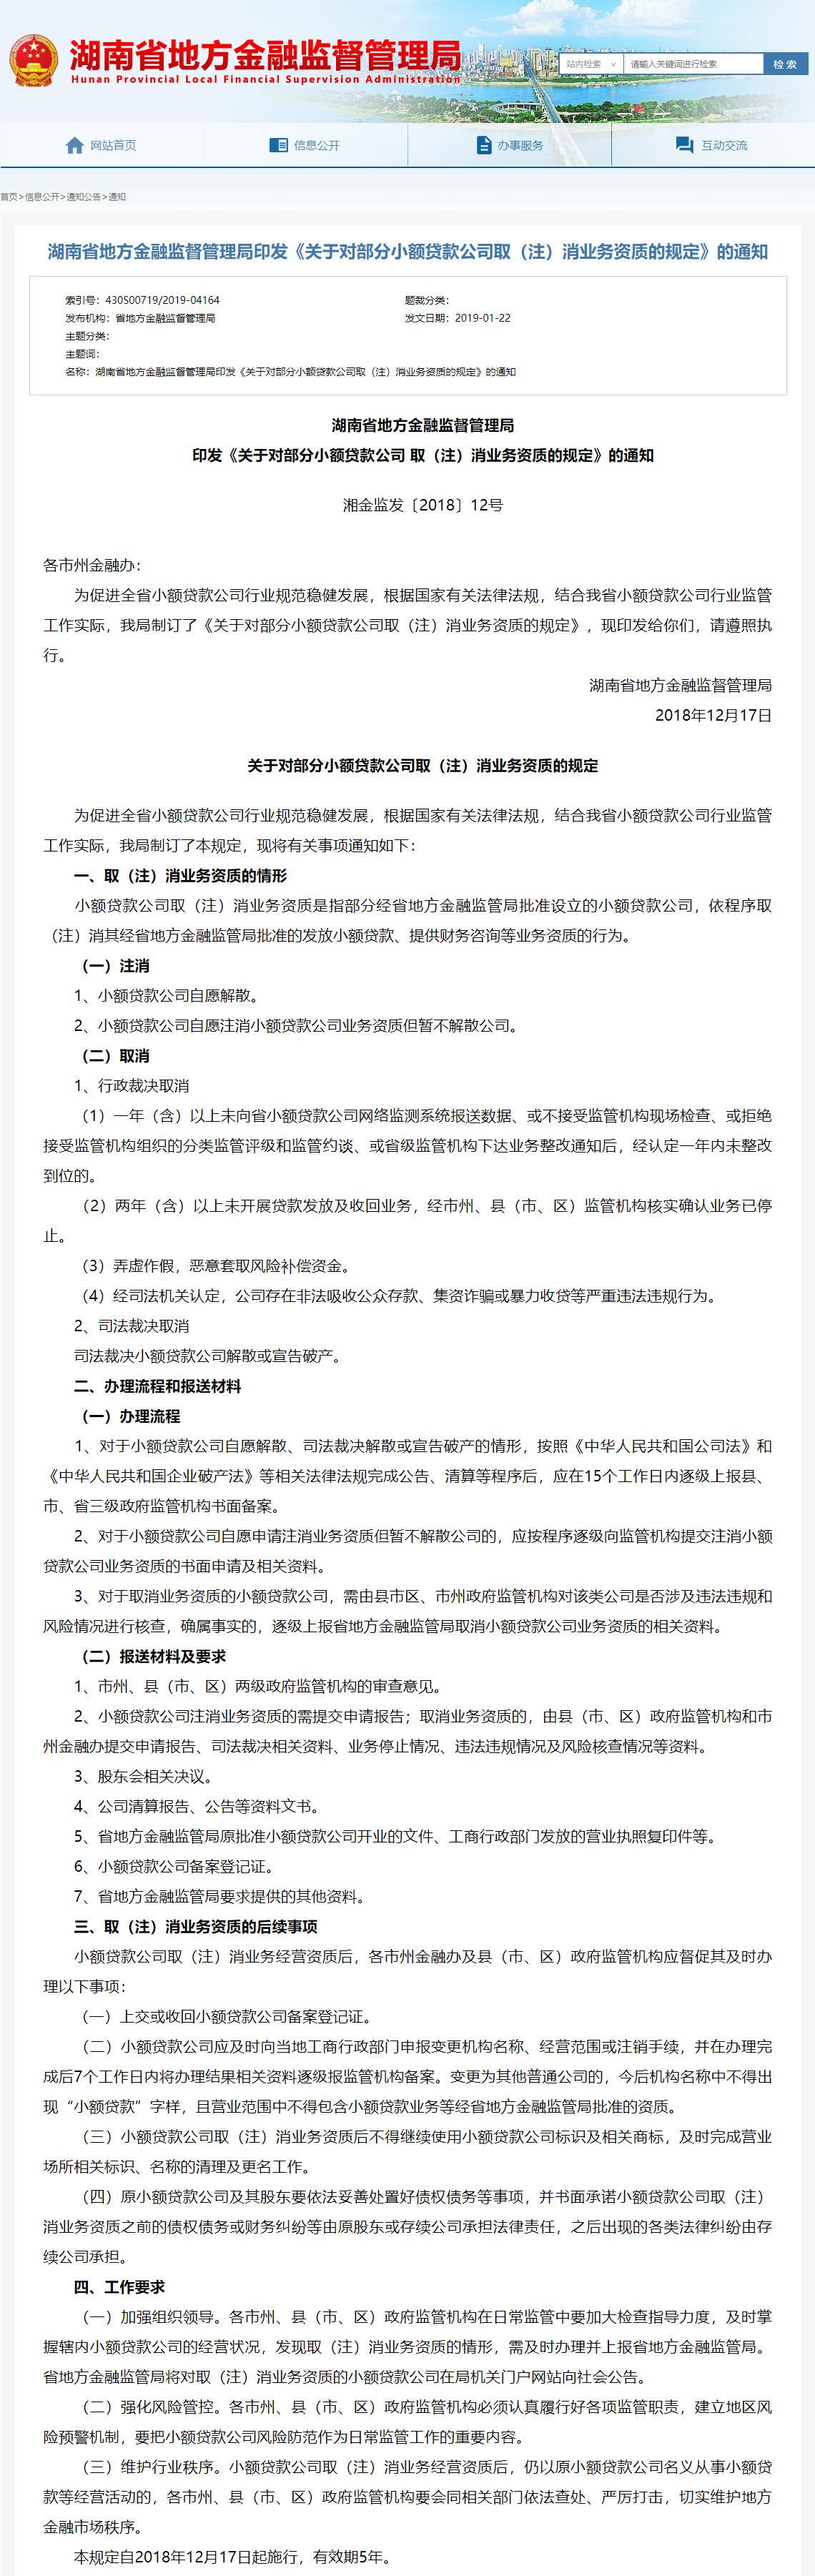 [湖南省地方金融監管局:小貸公司違法違規將被取消業務資質]地方金融監管局